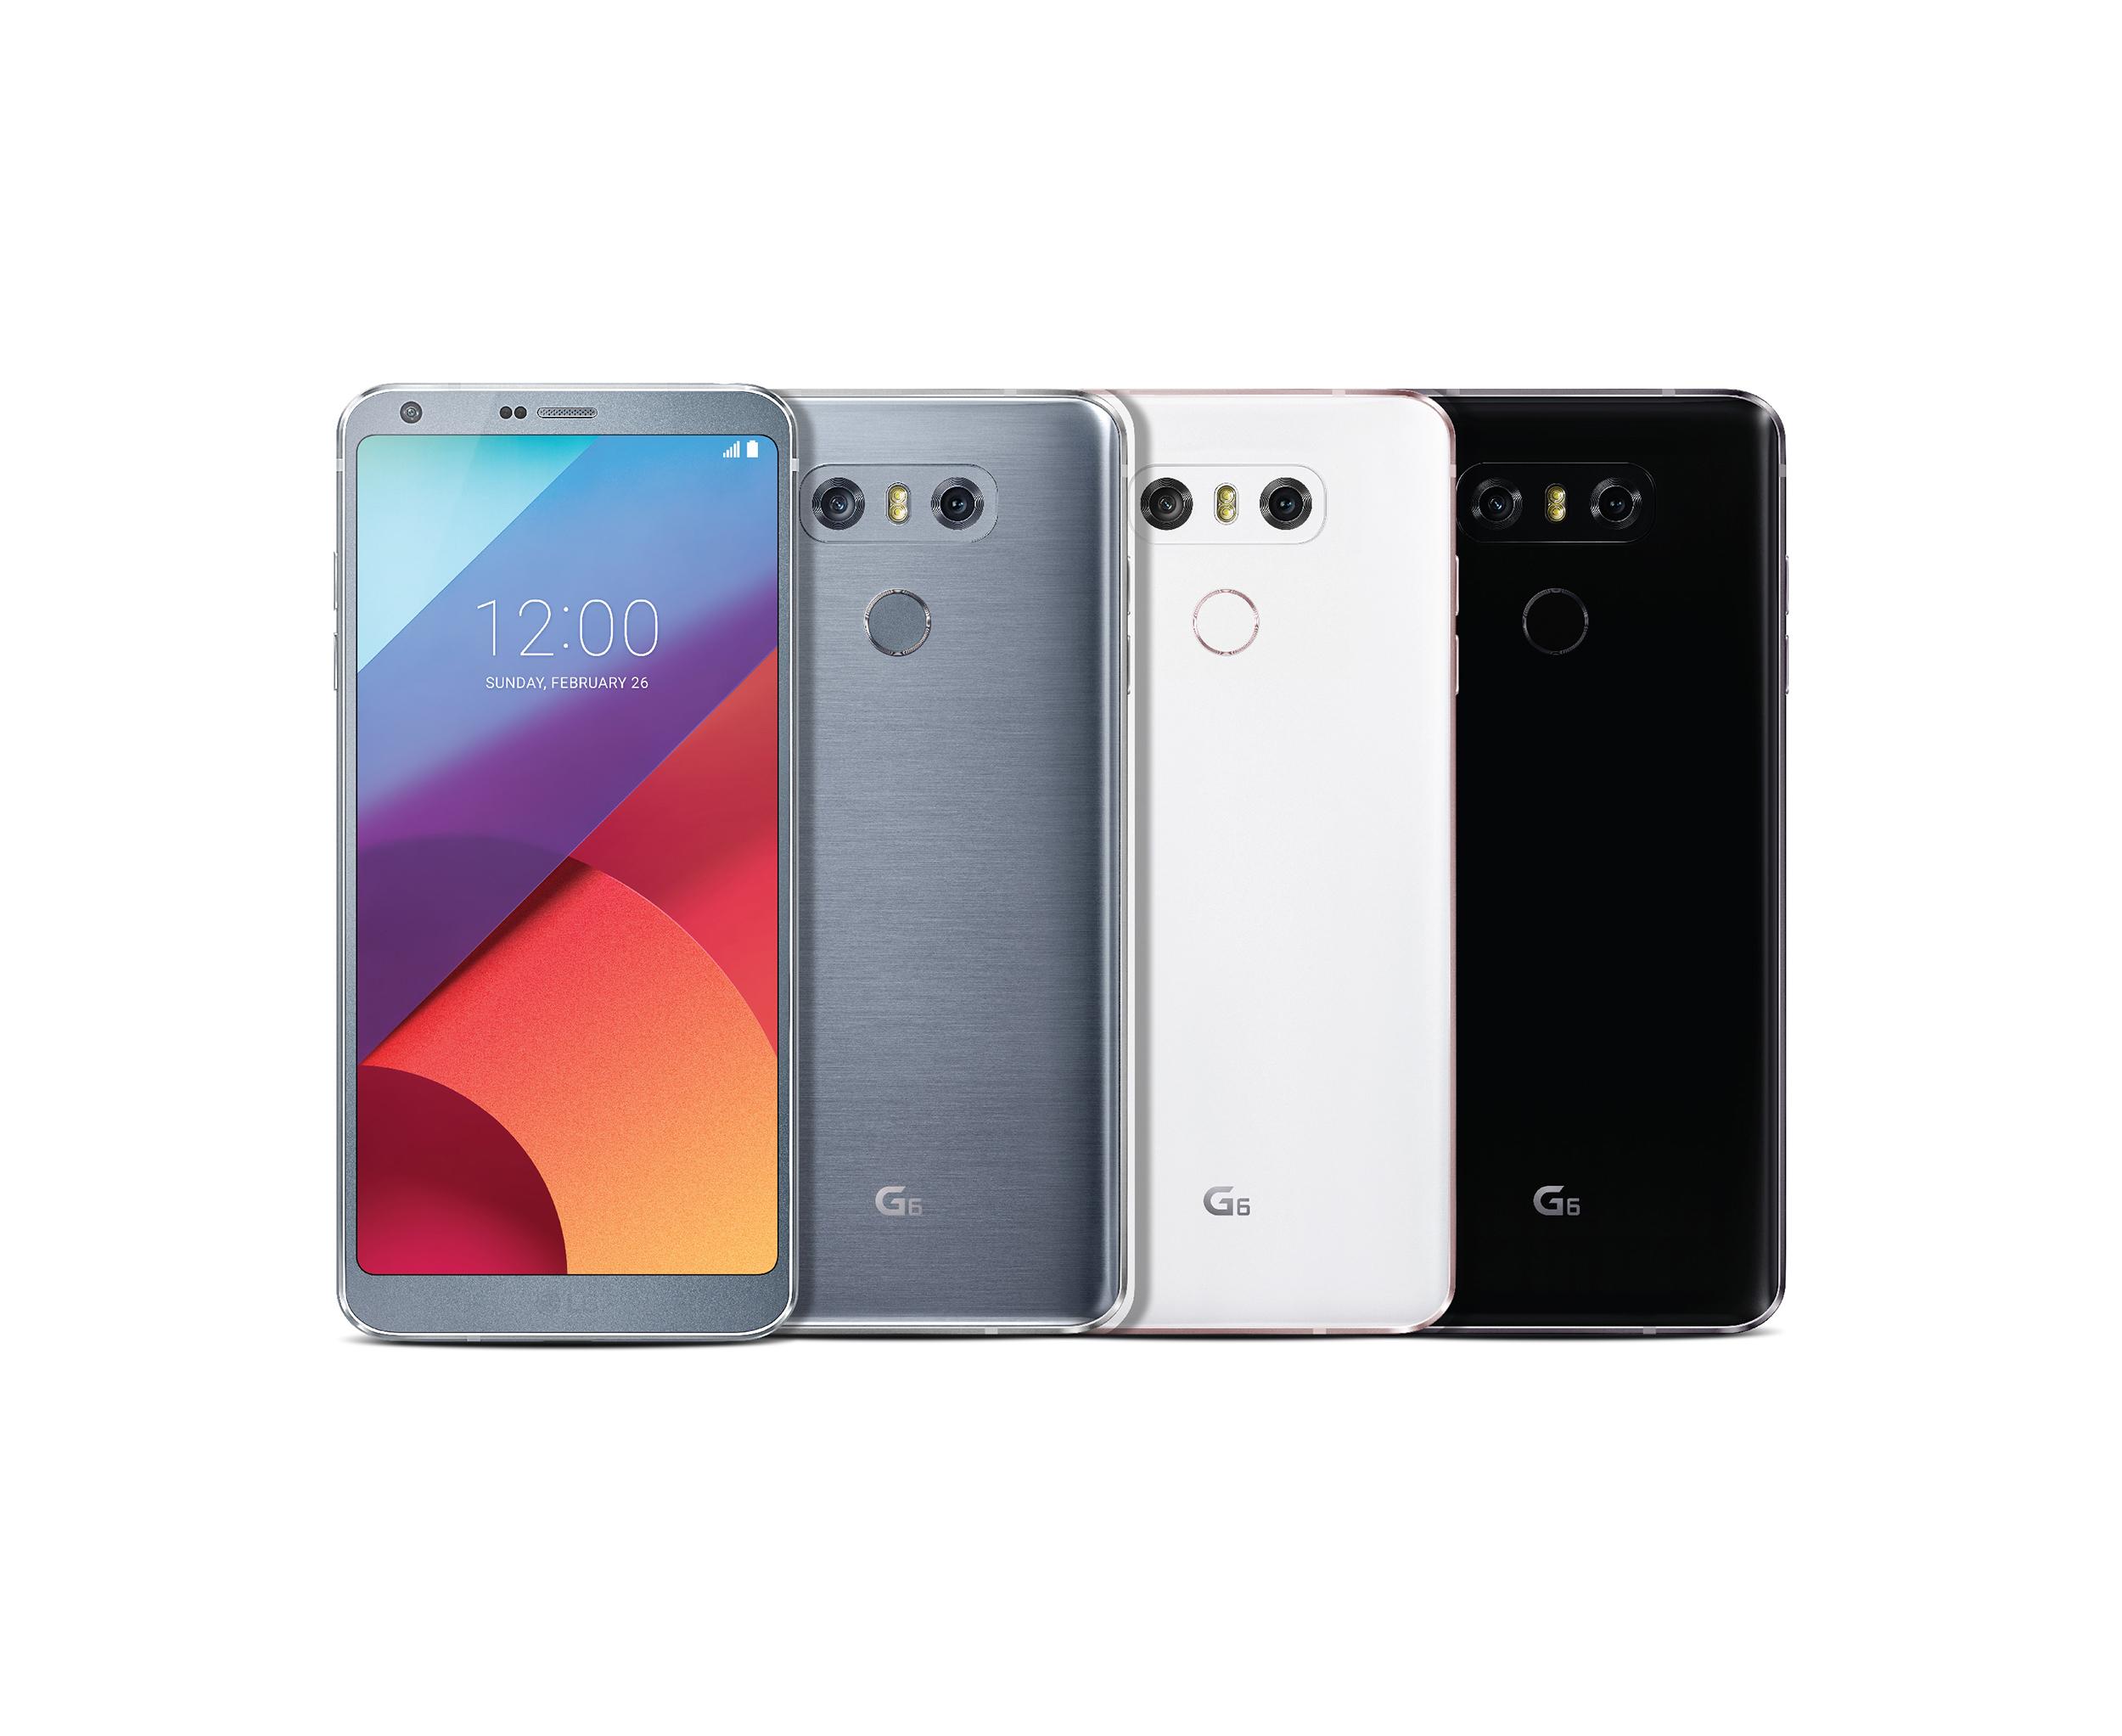 全能天后楊丞琳擔任LG G6年度代言人,單手掌控大螢幕與迷人外型設計,完美詮釋不容小看的新機魅力!